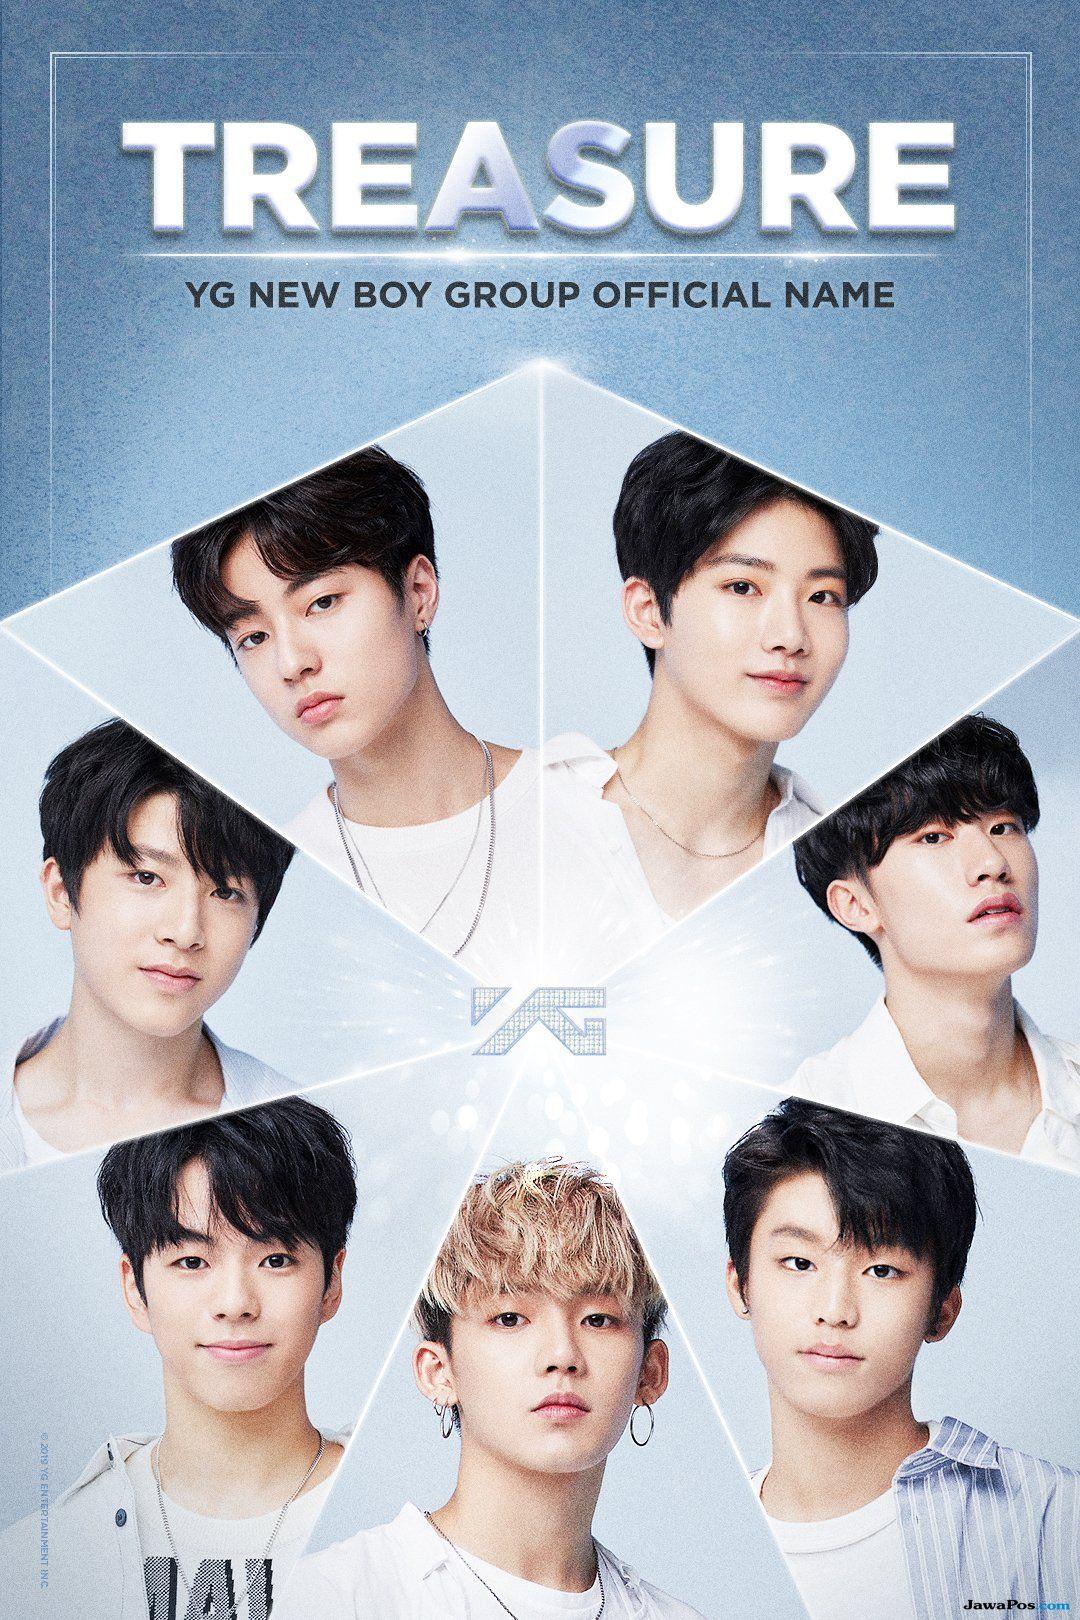 Siap Didebutkan, YG Entertainment Umumkan Nama Boygrup Barunya